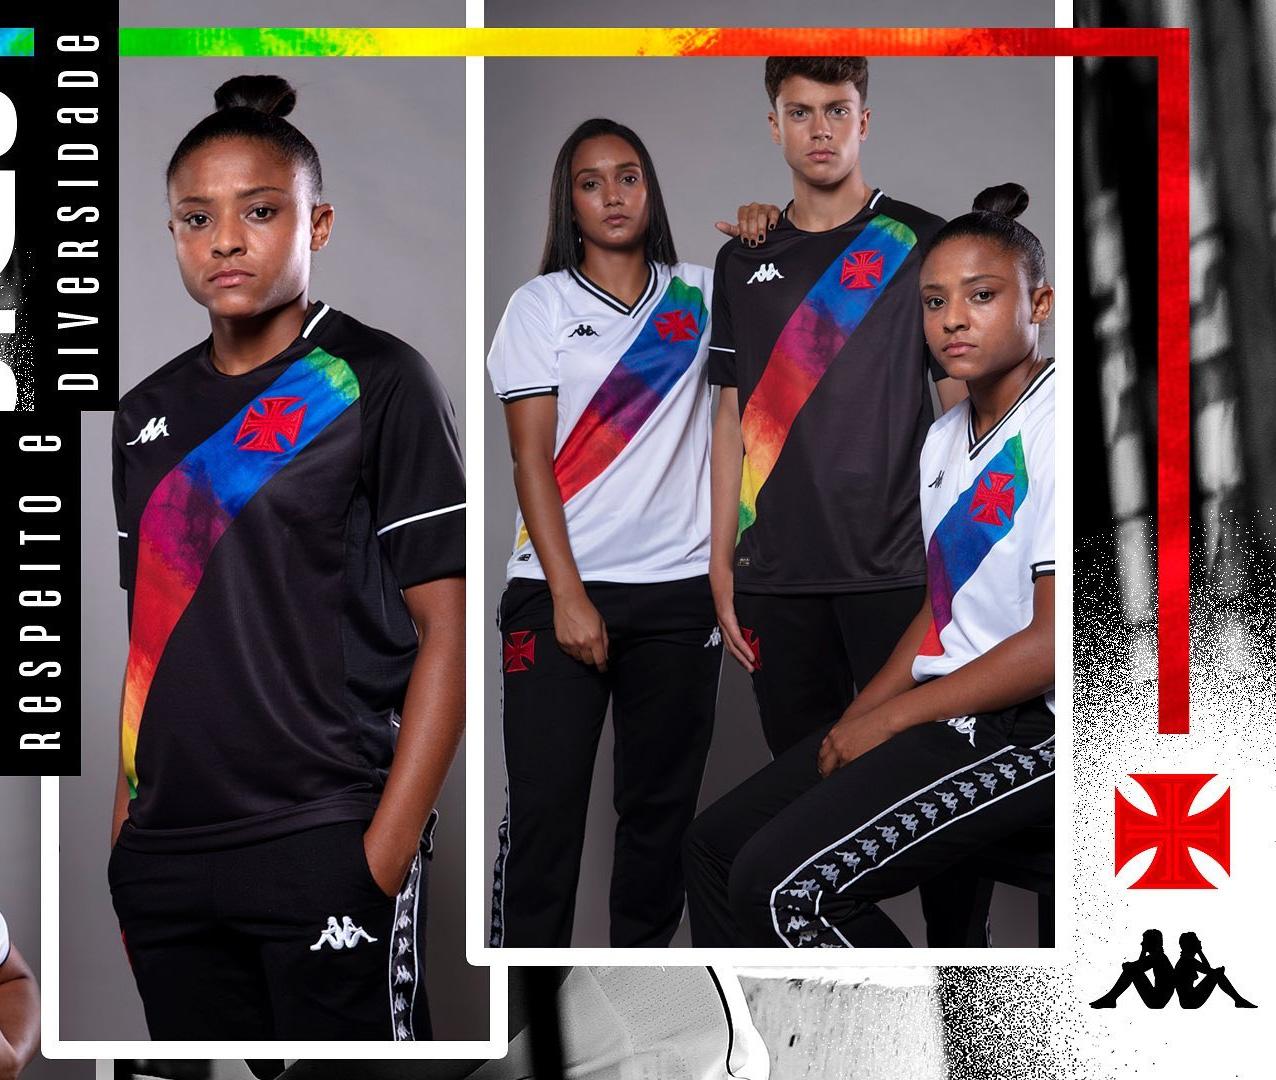 Camisa preta Orgulho LGBTQIA+ Vasco da Gama 2021 Kappa 1